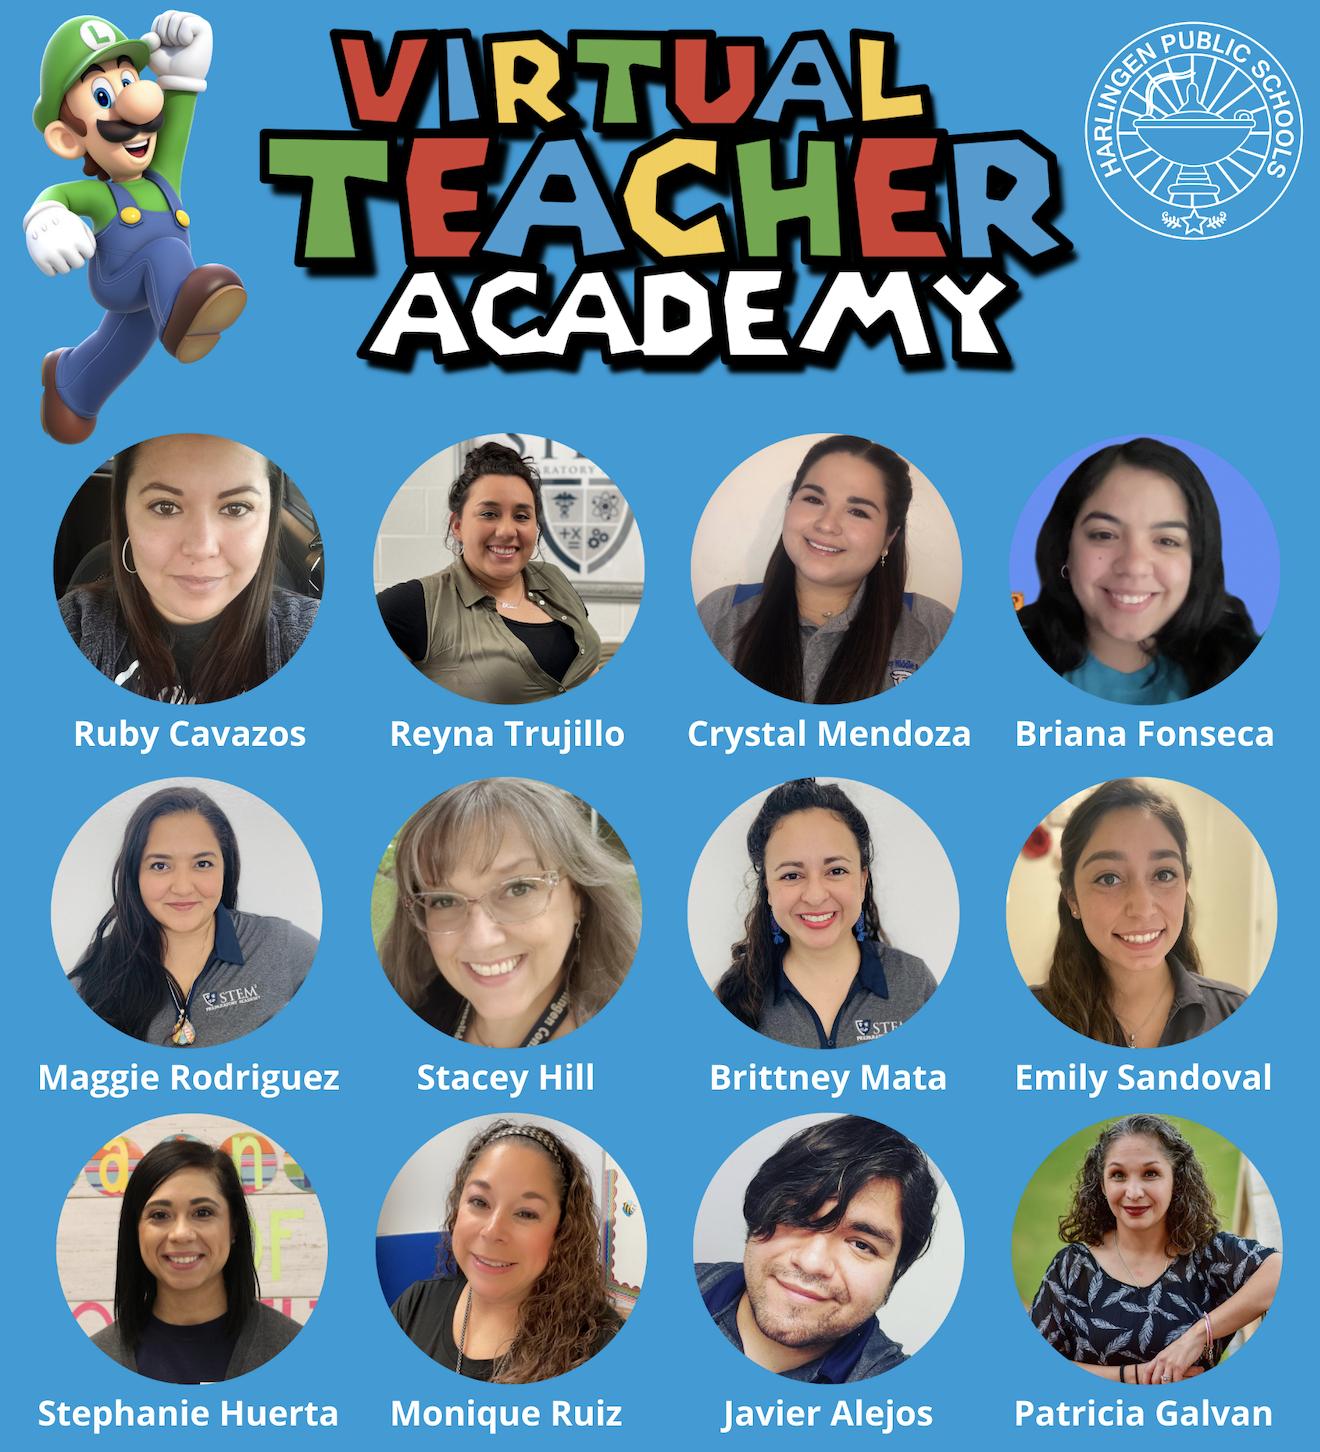 Los profesores de HCISD se preparan para el nuevo año escolar con una academia virtual para maestros.